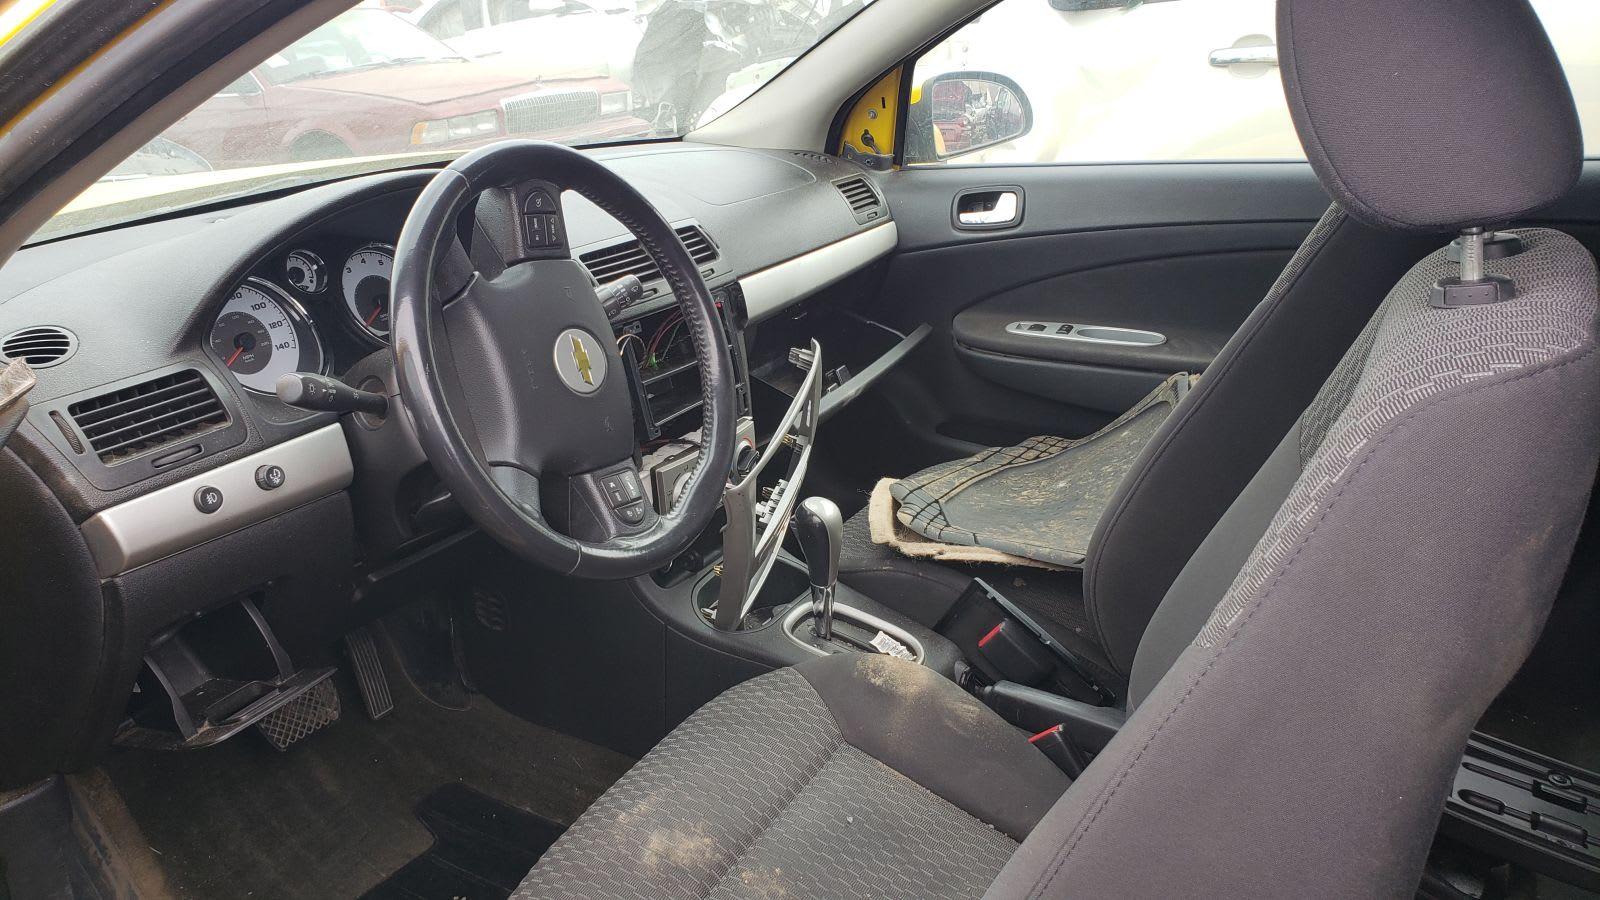 This 2006 Chevrolet Cobalt SS is a junkyard gem | Autoblog